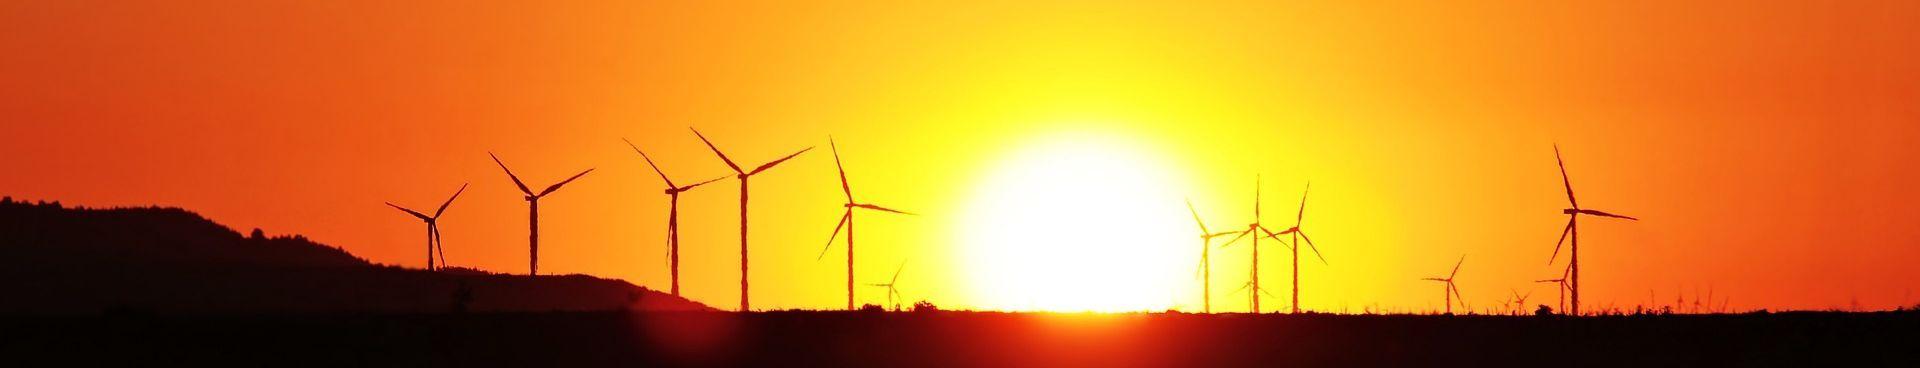 Foto de Parque de energía eólica